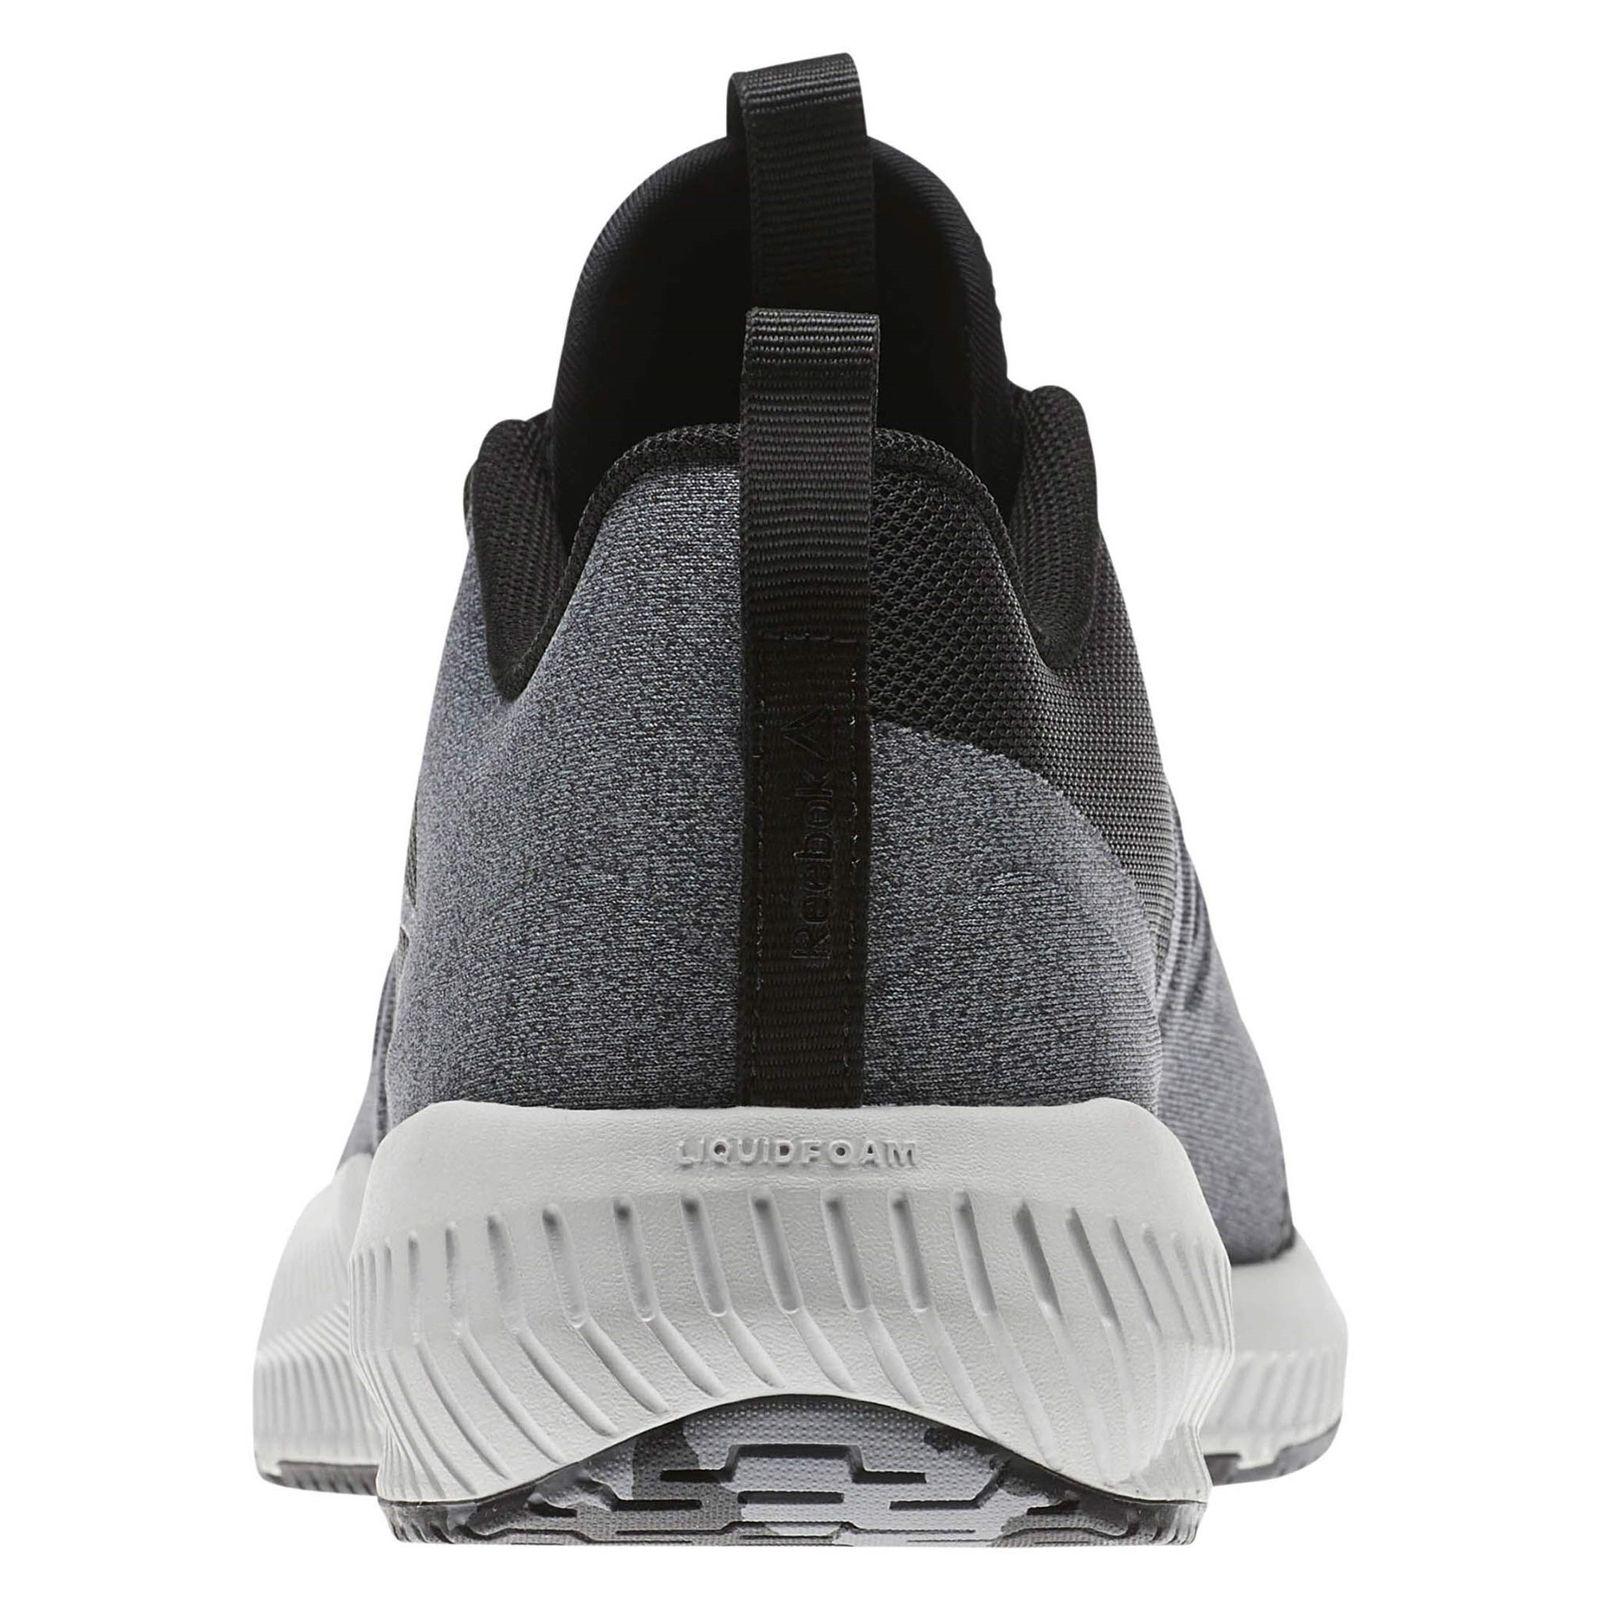 کفش تمرین بندی مردانه Hydrorush - ریباک - مشکي و طوسي - 4